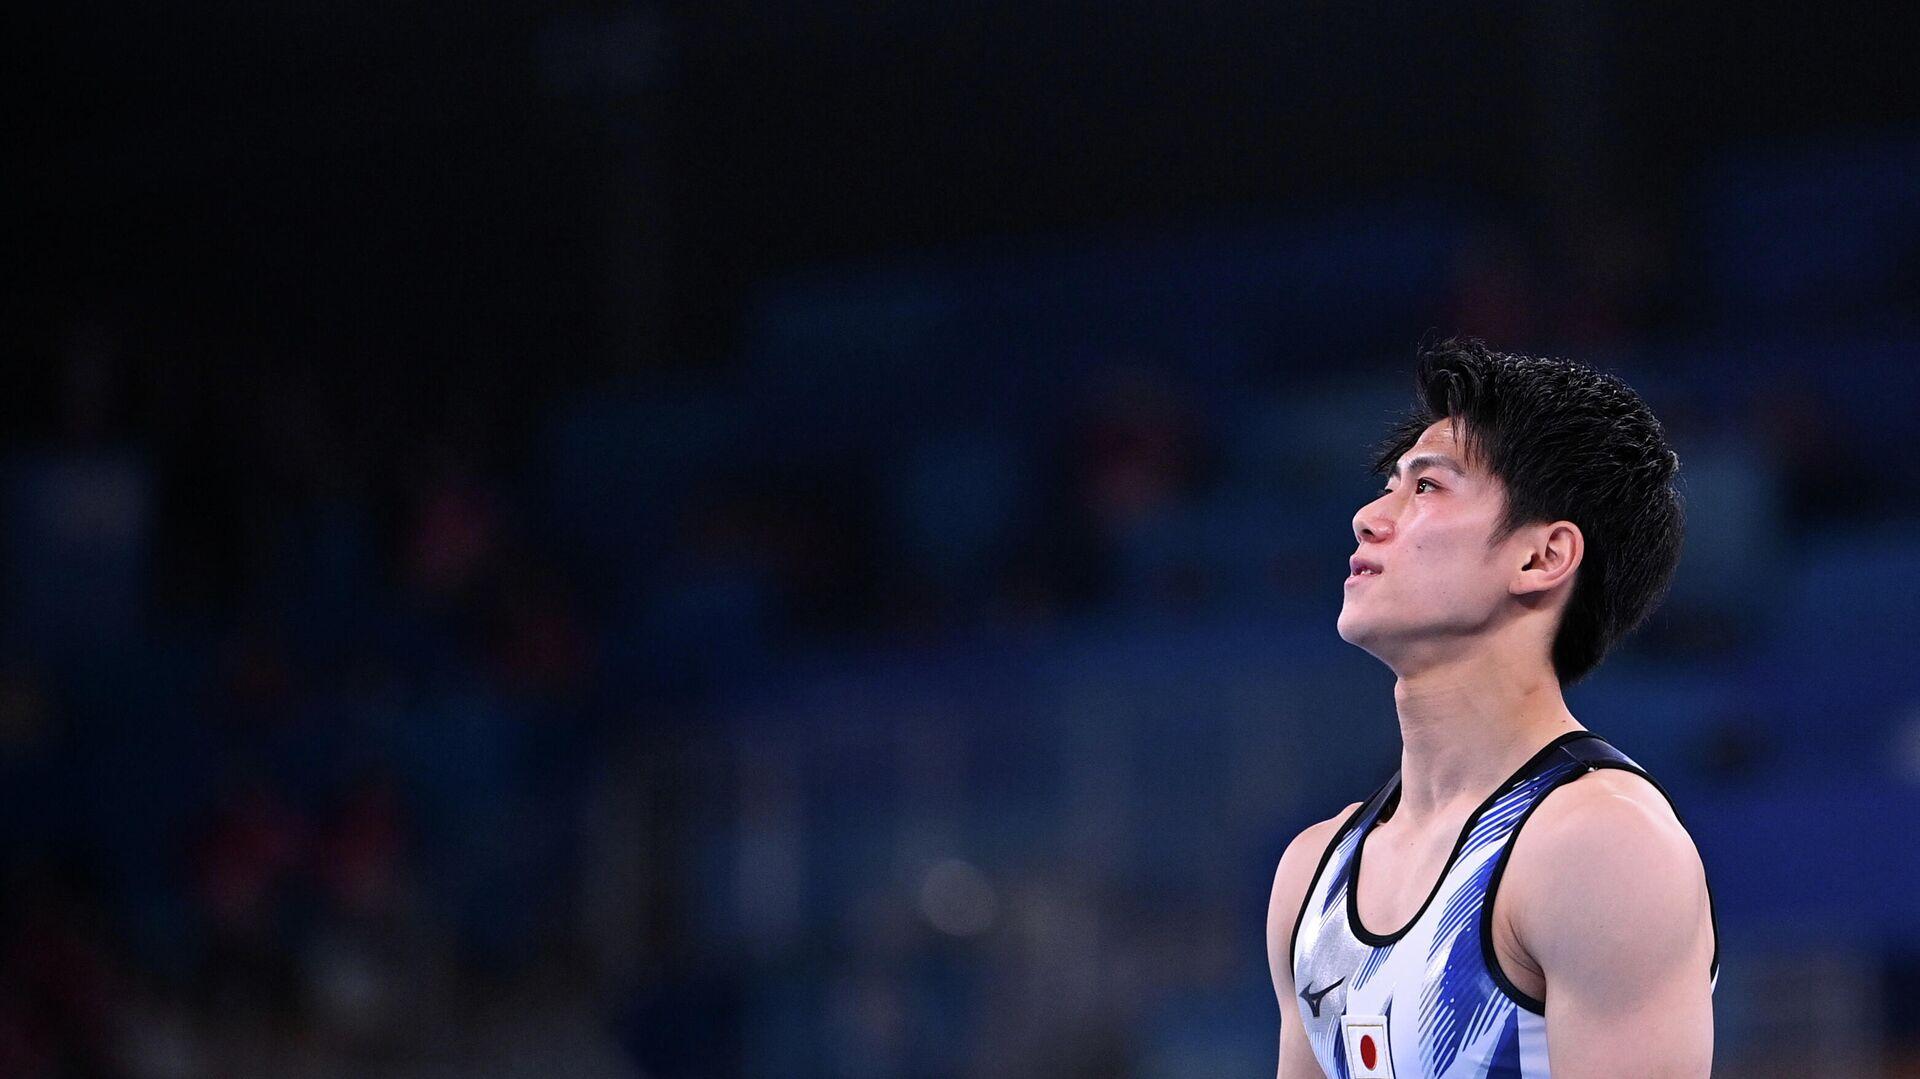 Японский гимнаст Дайки Хасимото - РИА Новости, 1920, 28.07.2021